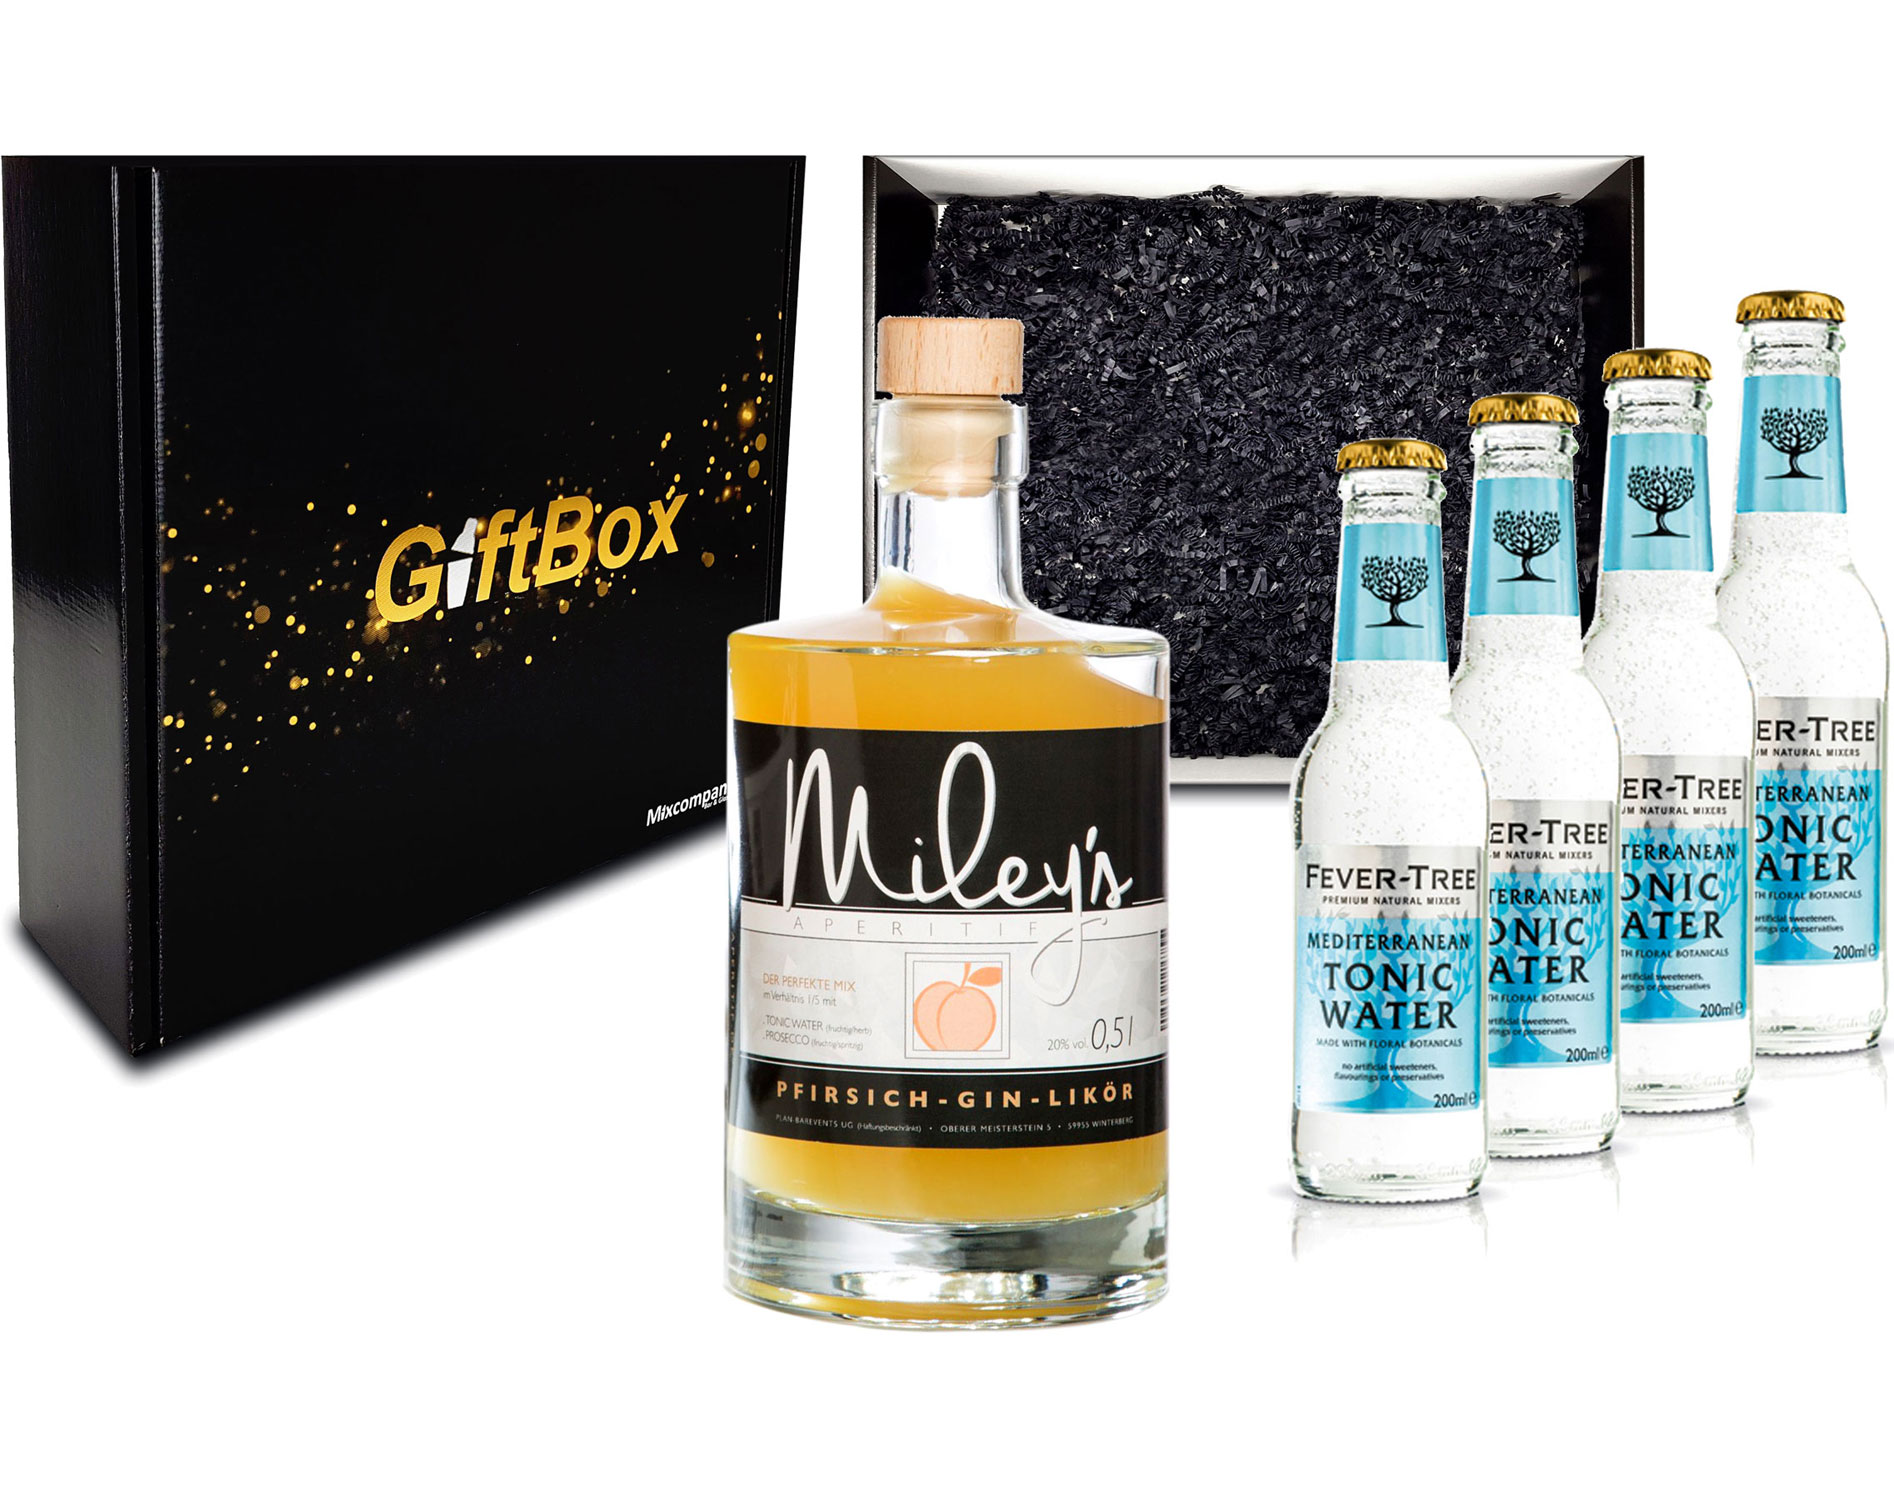 Gin Tonic Giftbox Geschenkset - Mileys Pfirsich Gin Likör 0,5l (20% Vol) + 4x Fever Tree Mediterranean Tonic Water 200ml inkl. Pfand MEHRWEG - [Enthält Sulfite]